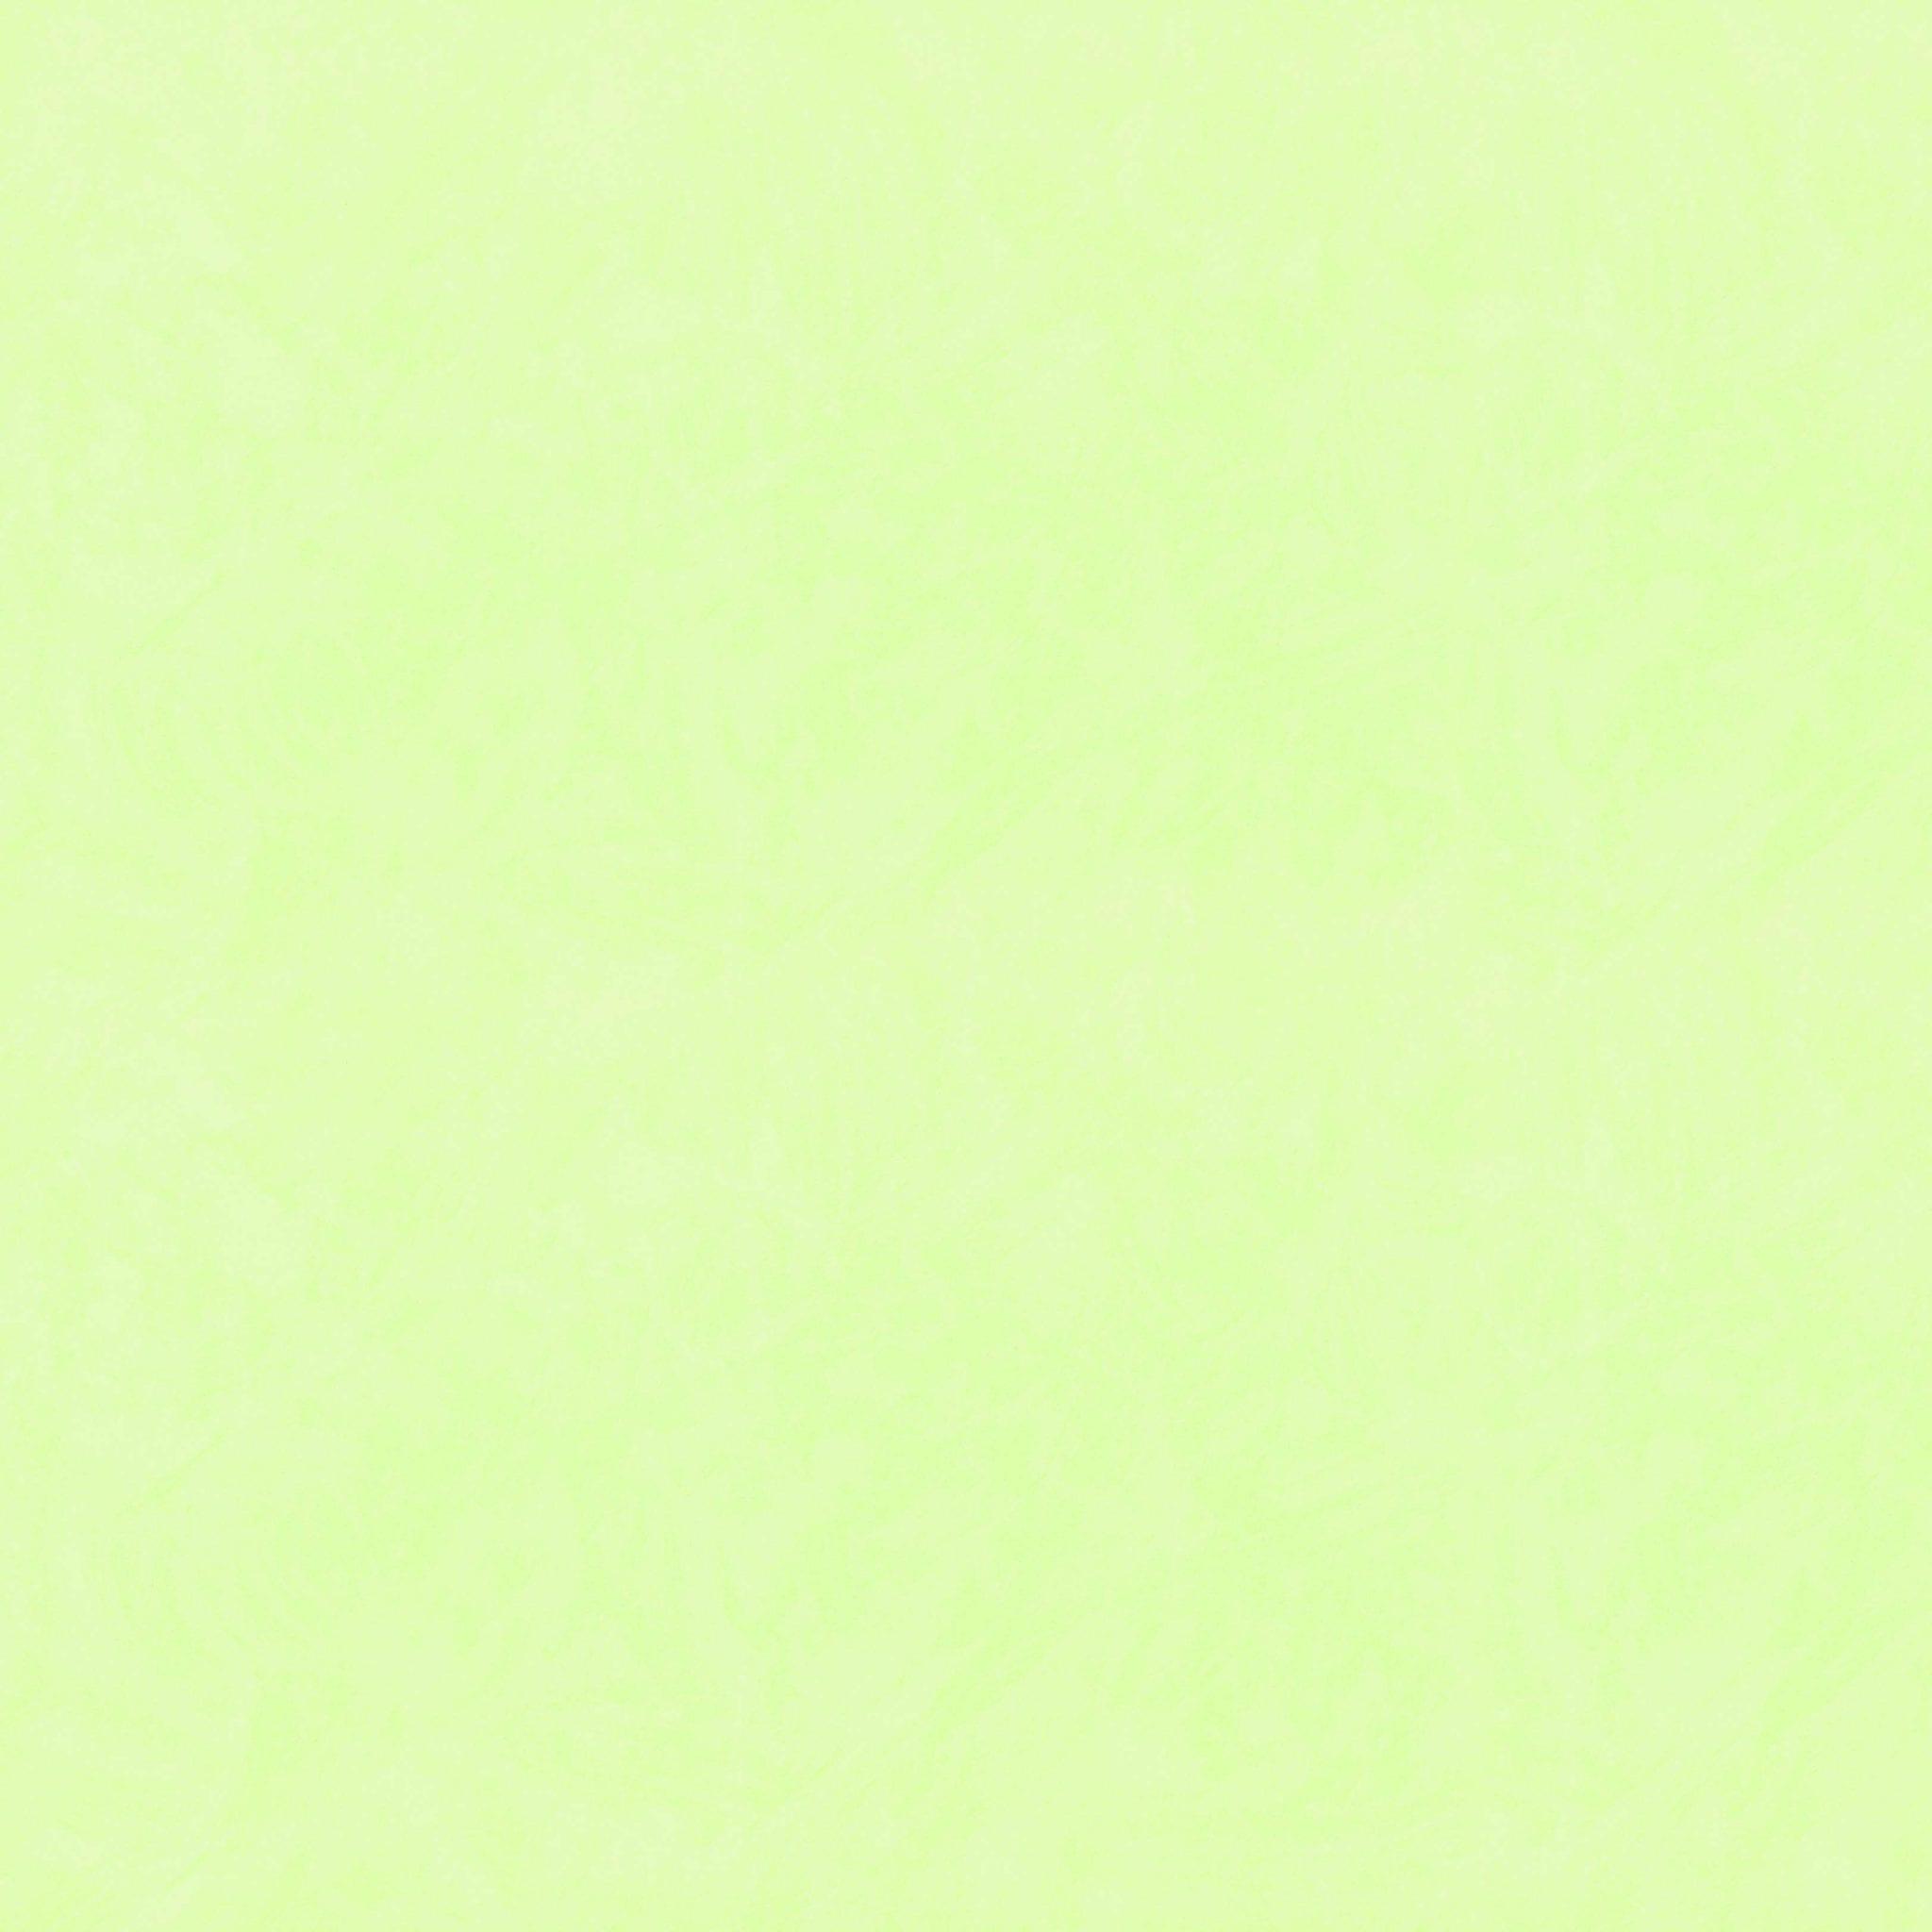 2033 3 verde claro cinthiasa for Color verde grisaceo para paredes